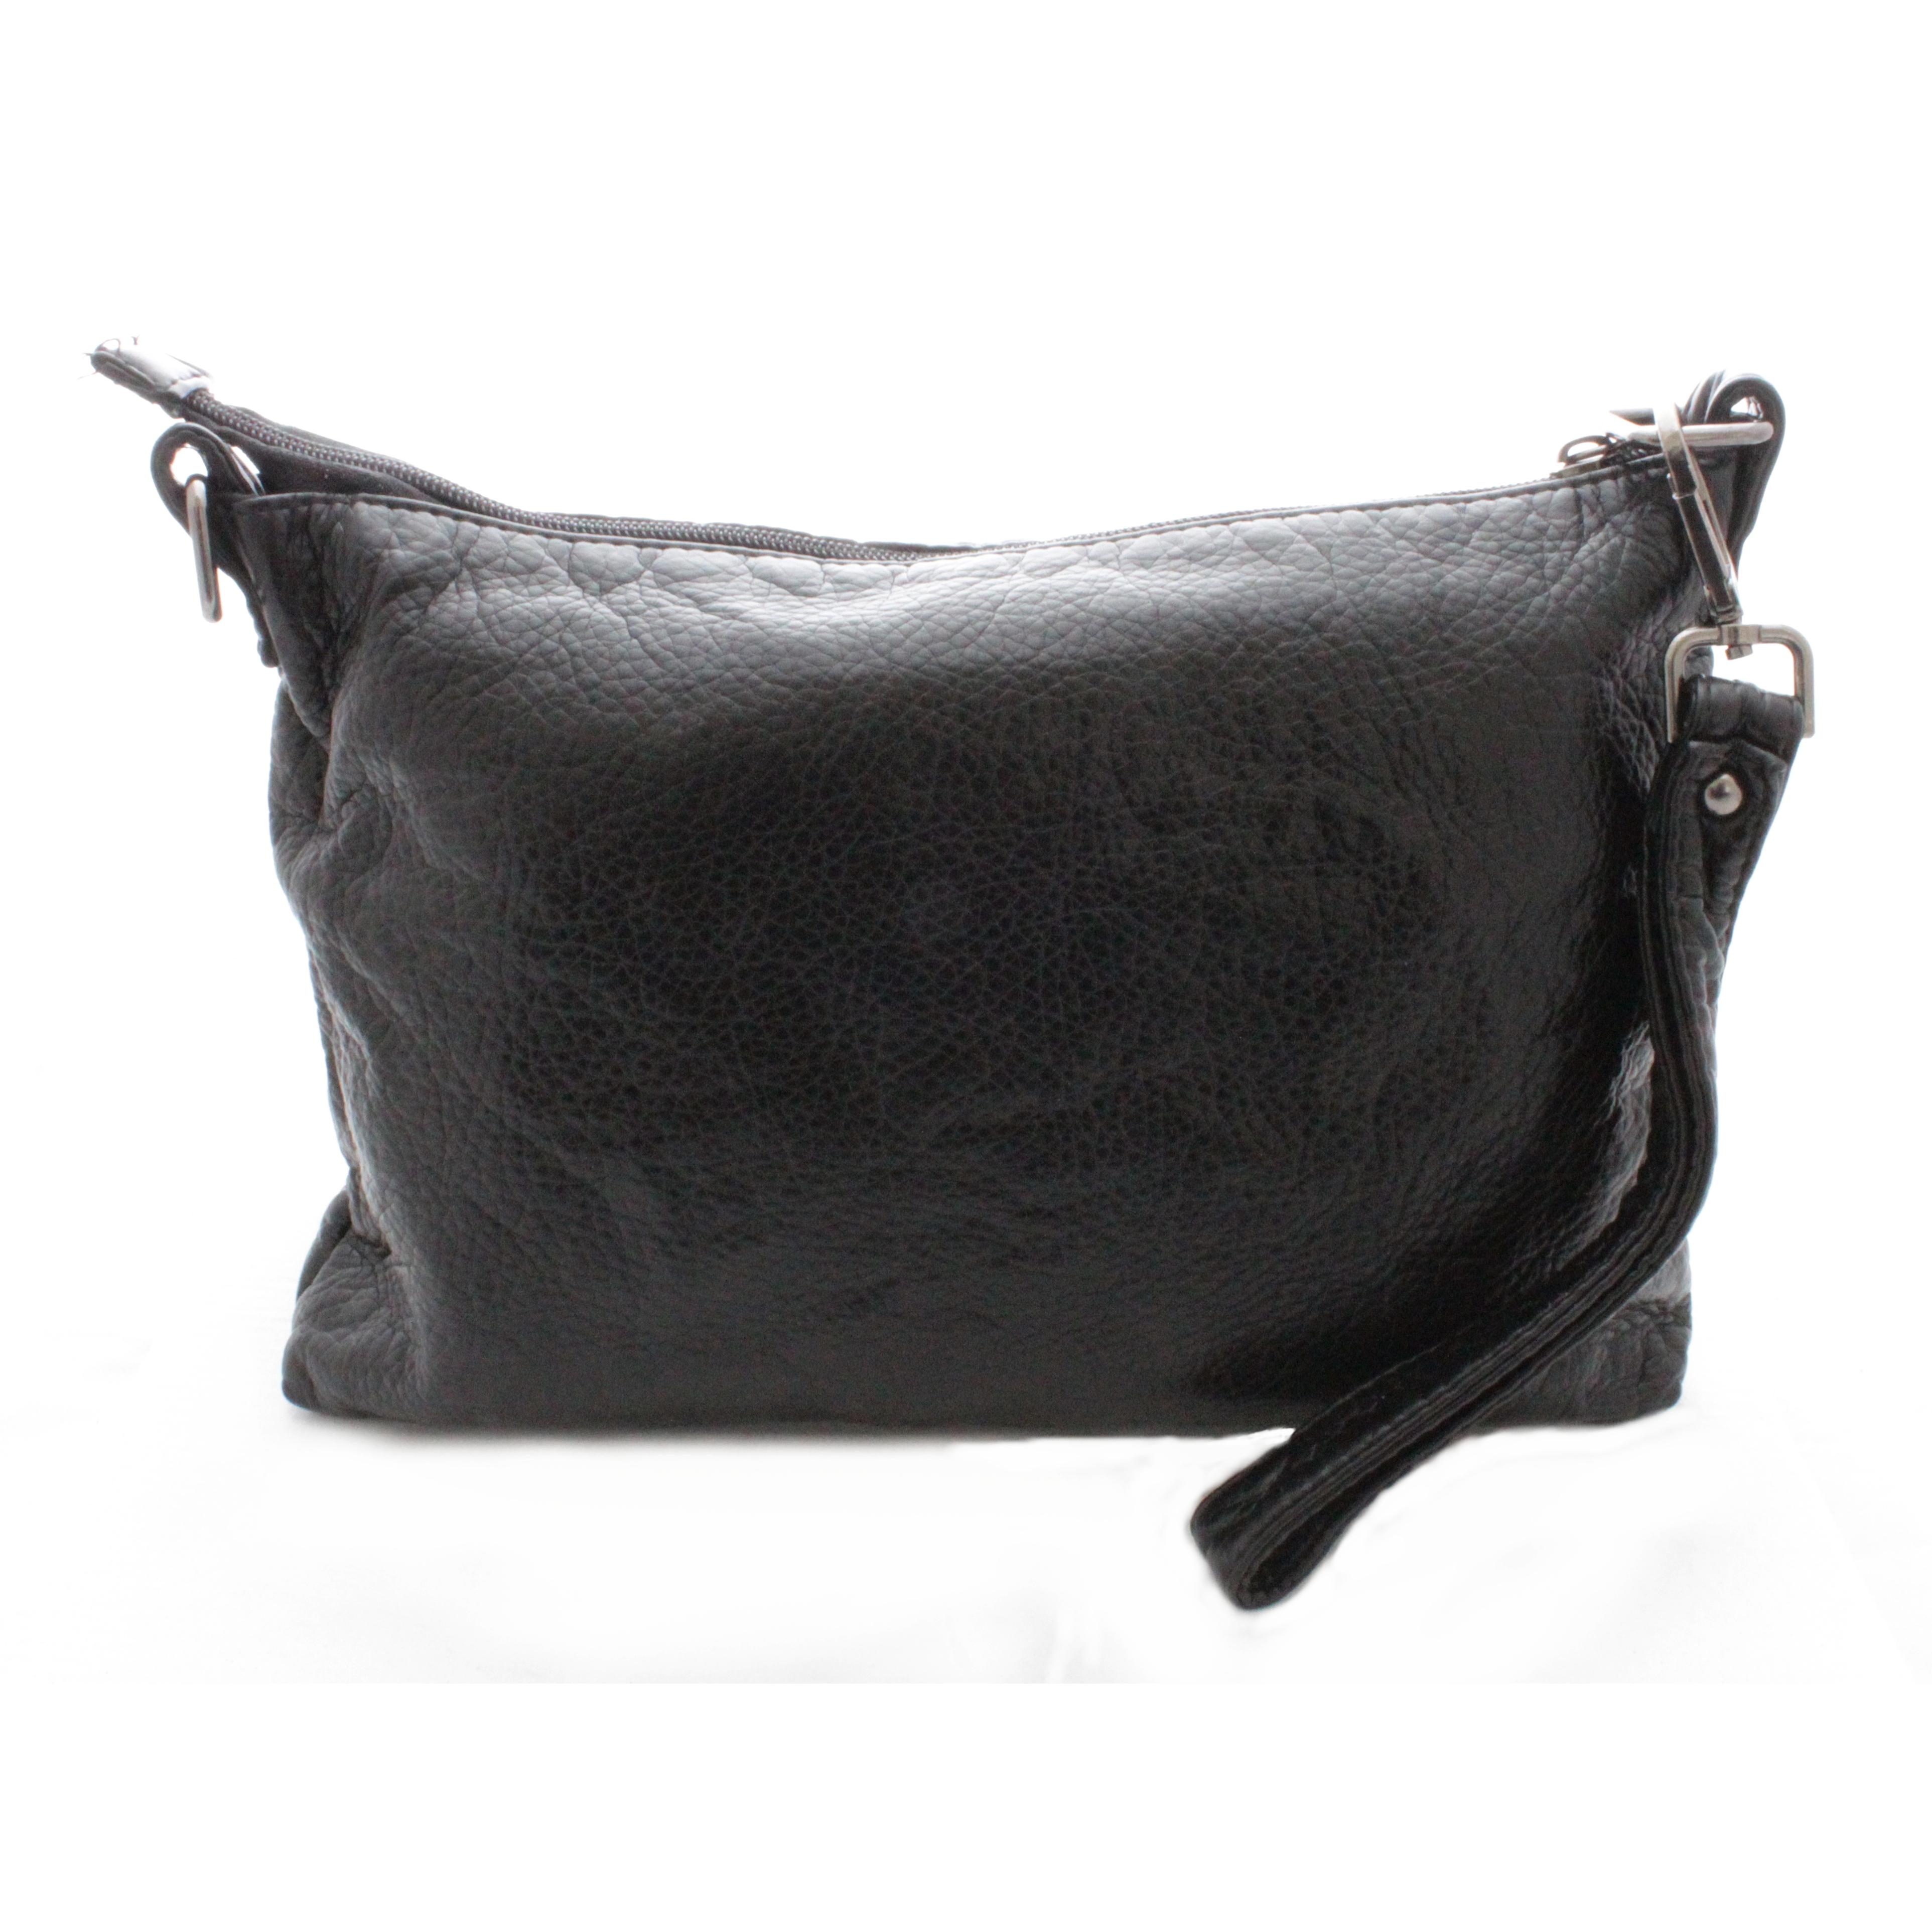 handtasche damen tasche nieten damentasche kleine tasche stern neu taschen. Black Bedroom Furniture Sets. Home Design Ideas